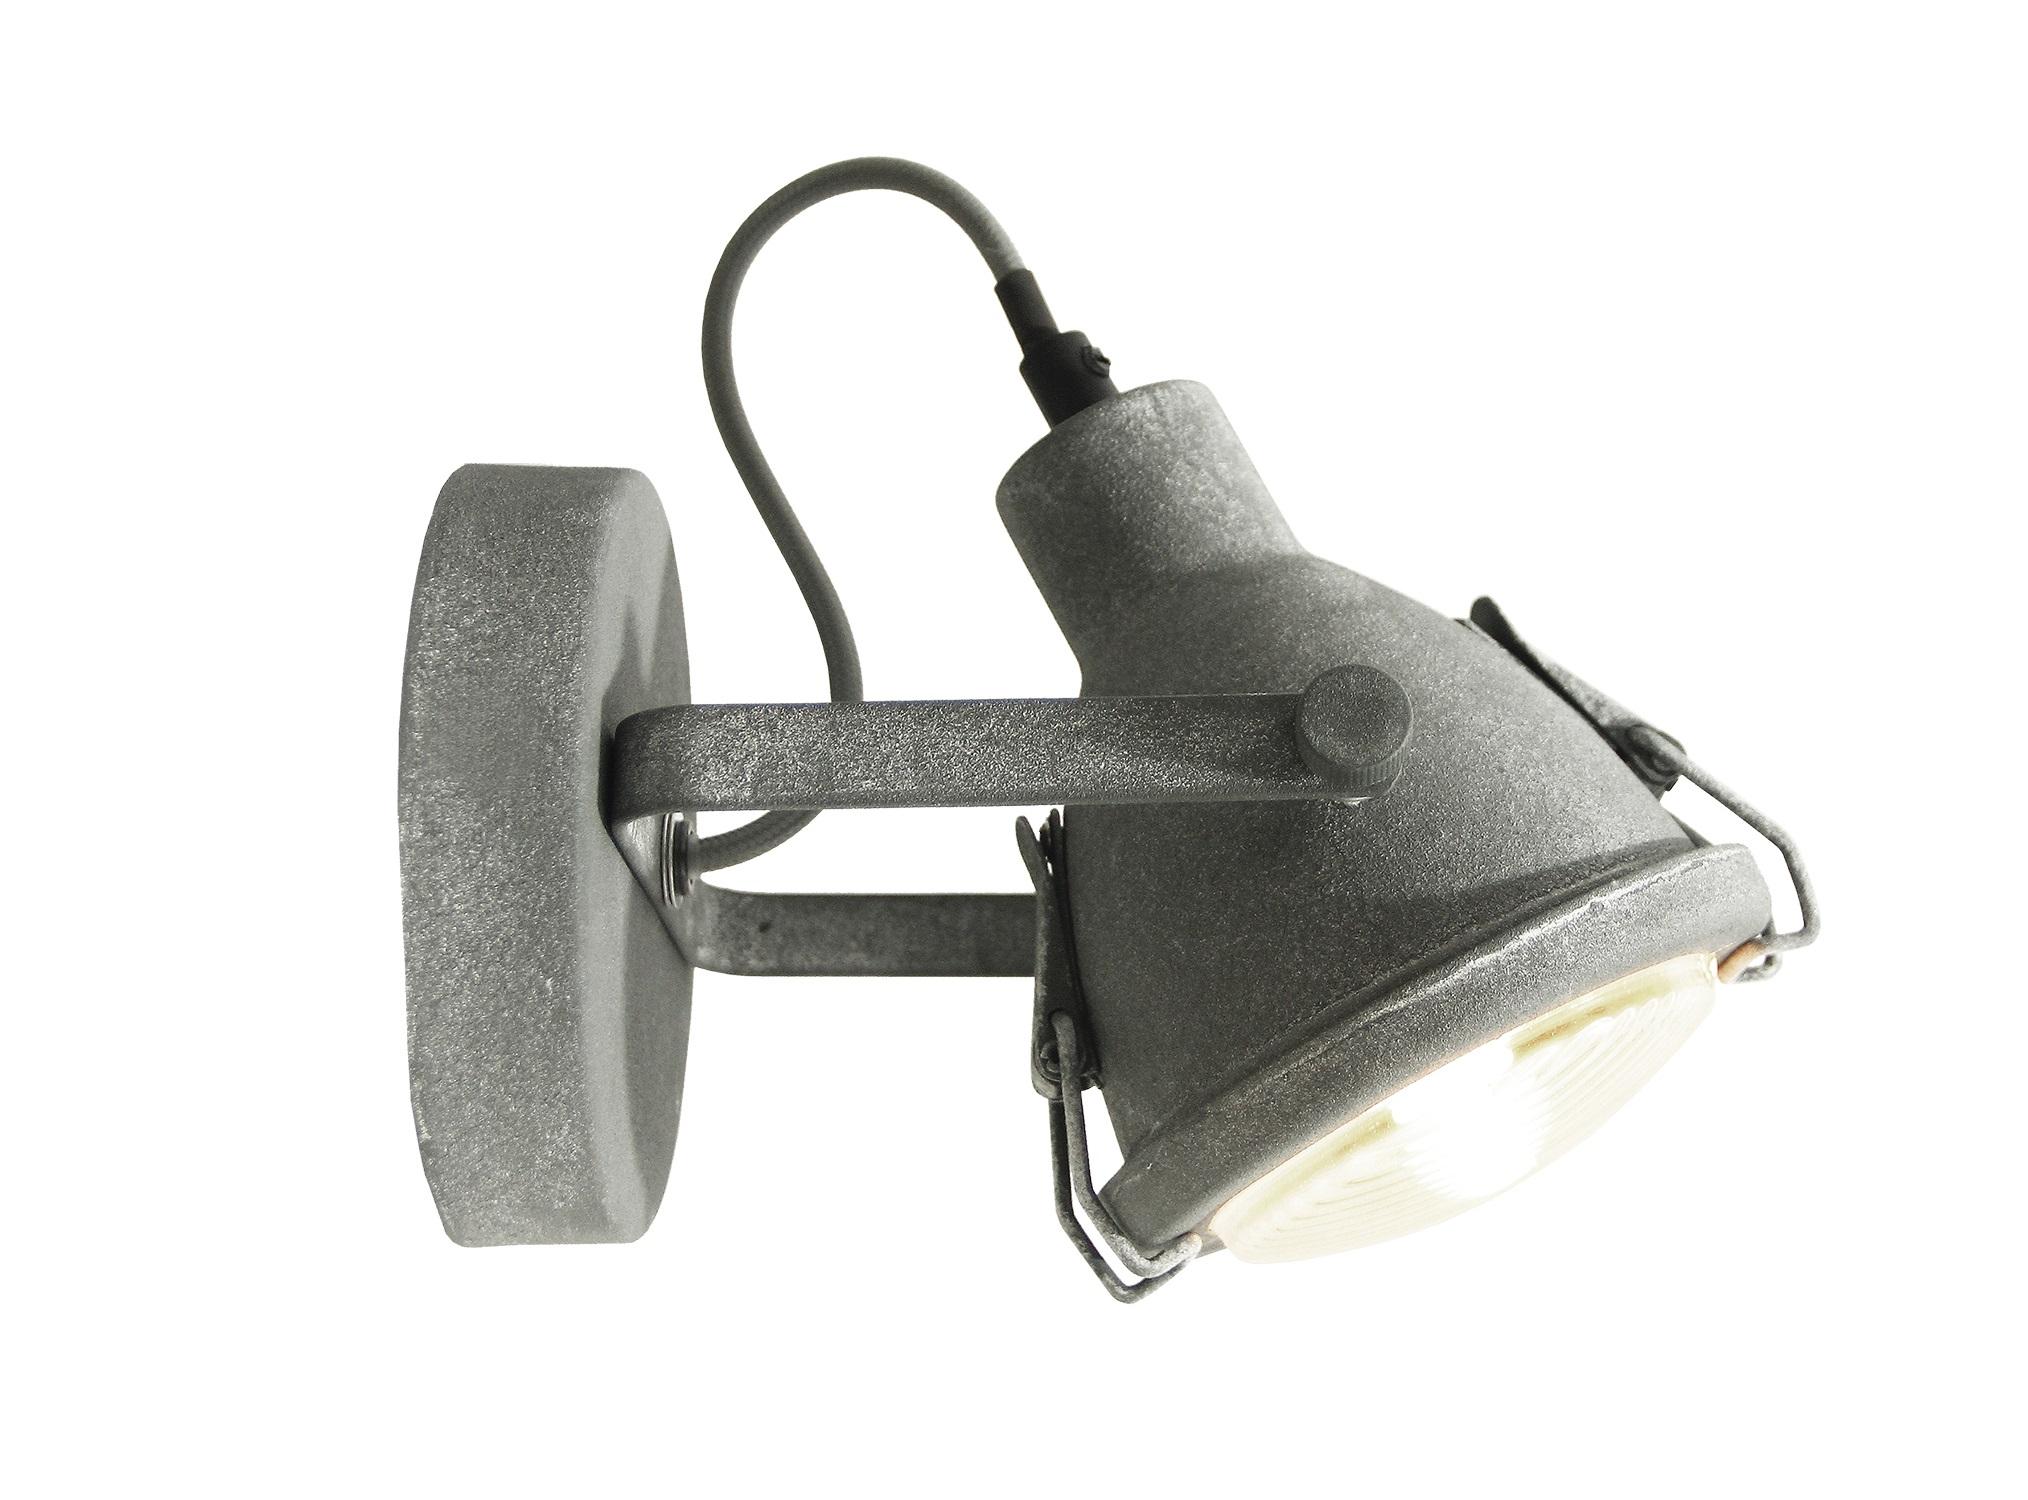 Настенно-потолочный светильникСпоты<br>&amp;lt;div&amp;gt;&amp;lt;div&amp;gt;Вид цоколя: E14&amp;lt;/div&amp;gt;&amp;lt;div&amp;gt;Мощность: 40W&amp;lt;/div&amp;gt;&amp;lt;div&amp;gt;Количество ламп: 1&amp;lt;/div&amp;gt;&amp;lt;div&amp;gt;Наличие ламп: отсутствуют.&amp;lt;/div&amp;gt;&amp;lt;/div&amp;gt;<br><br>Material: Металл<br>Ширина см: 13<br>Высота см: 13<br>Глубина см: 20